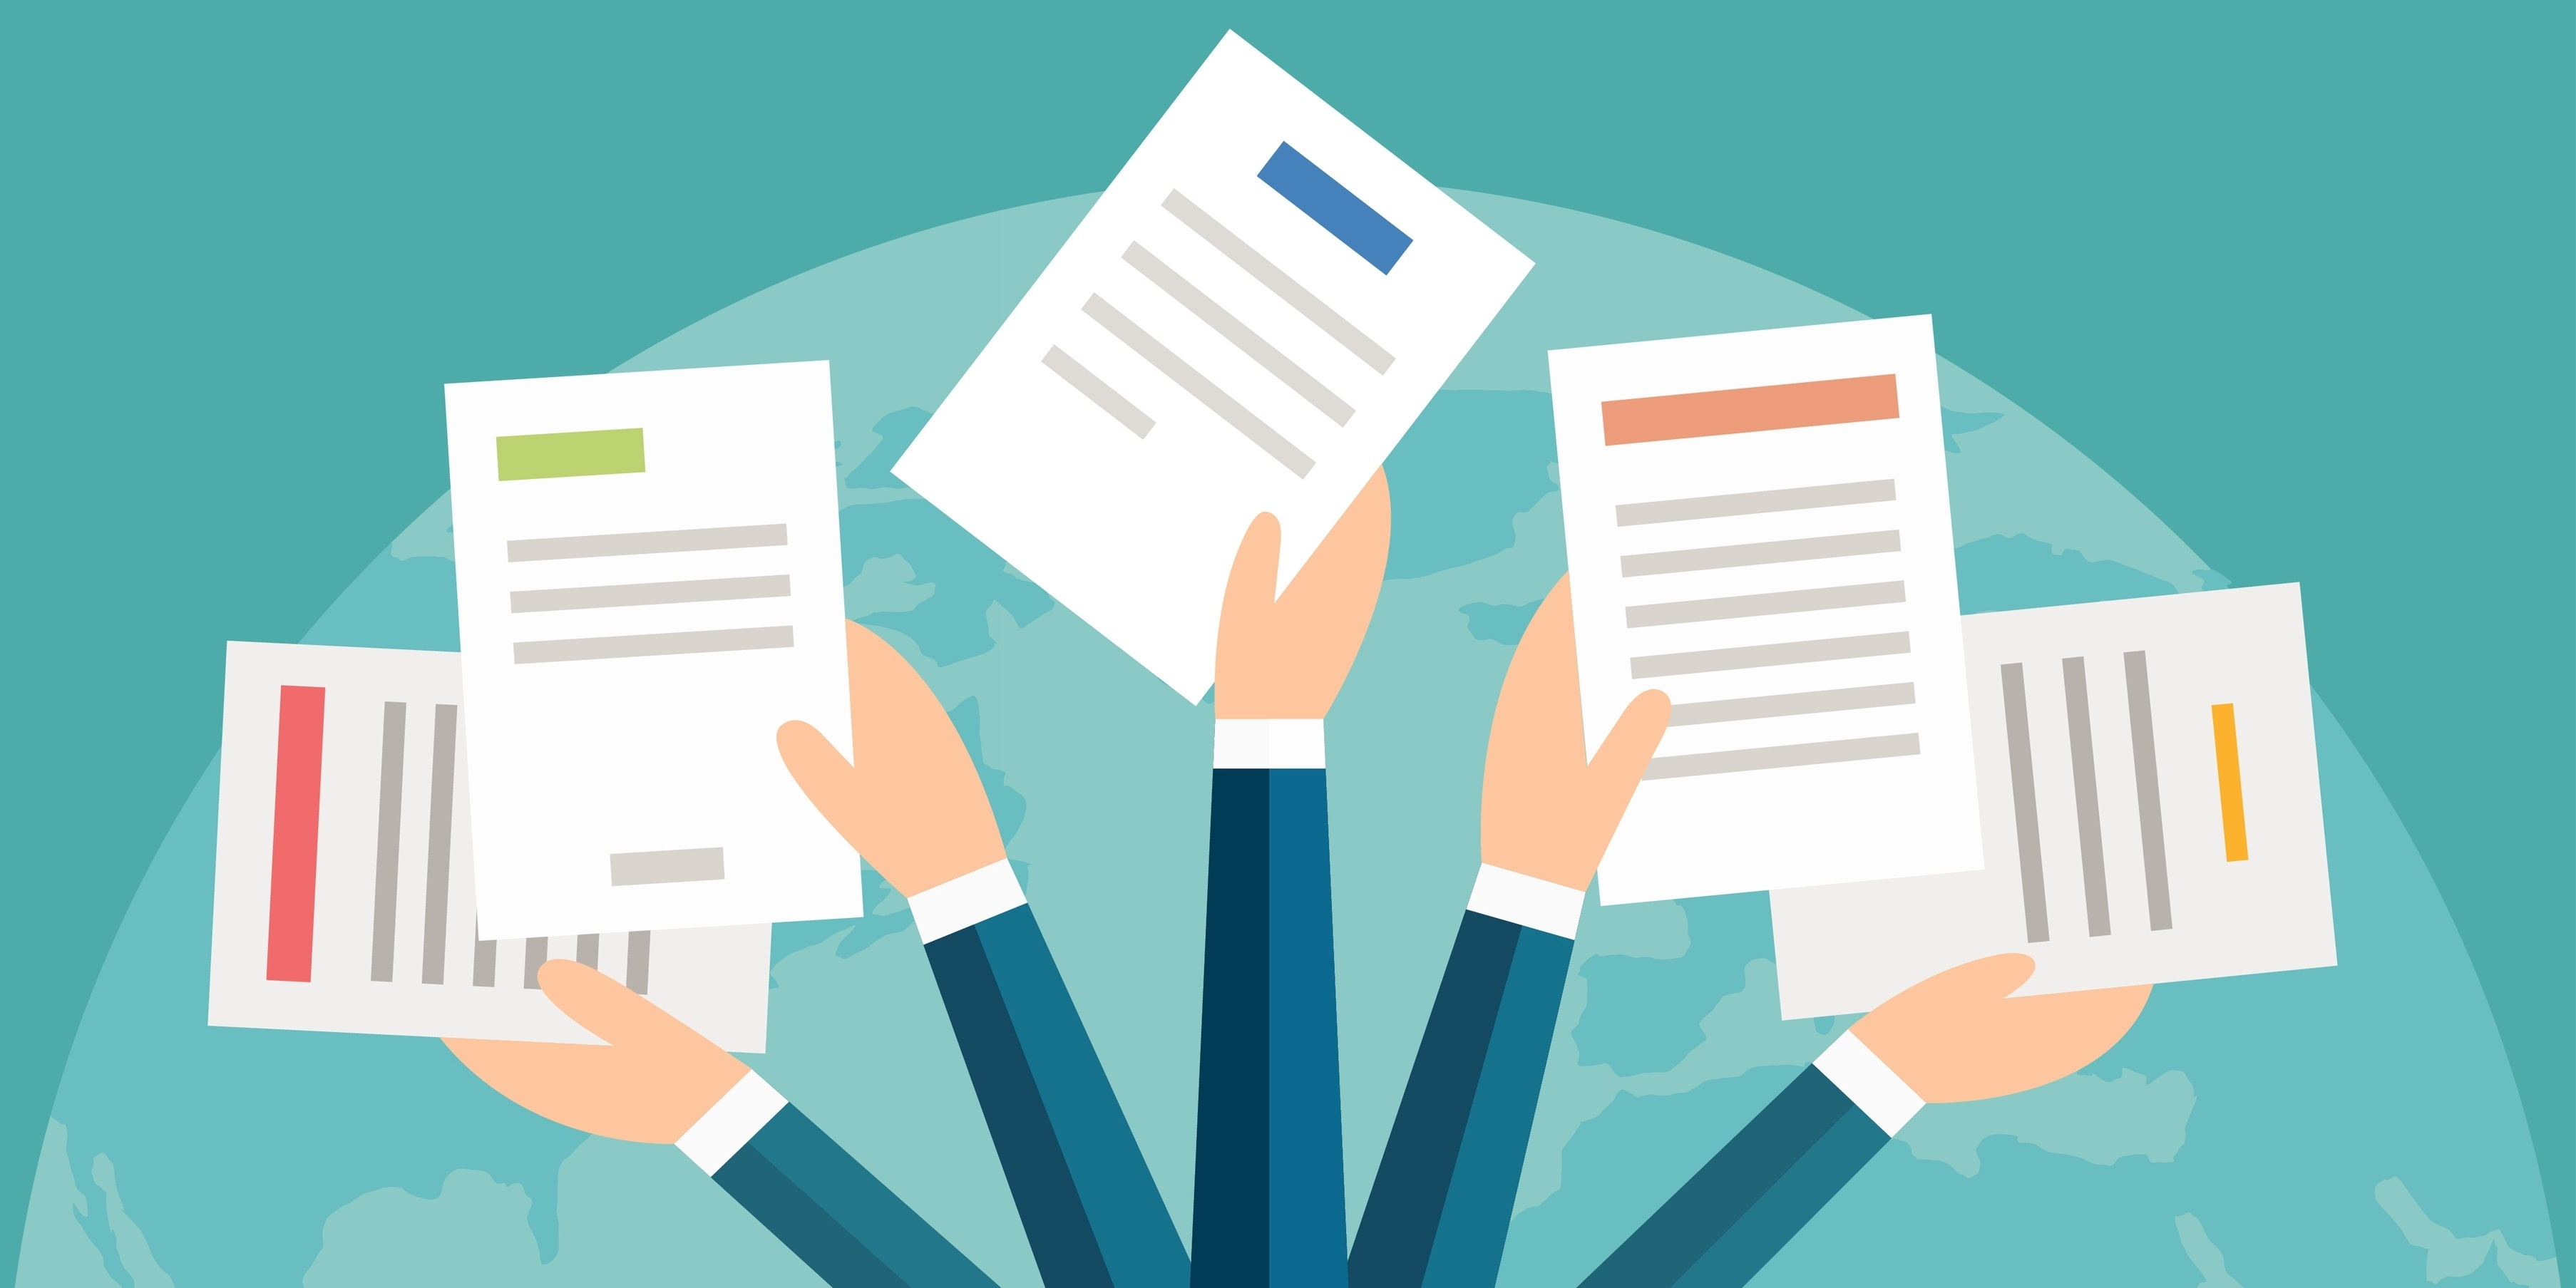 Ebook gratuito: cómo crear propuestas comerciales que garanticen ventas